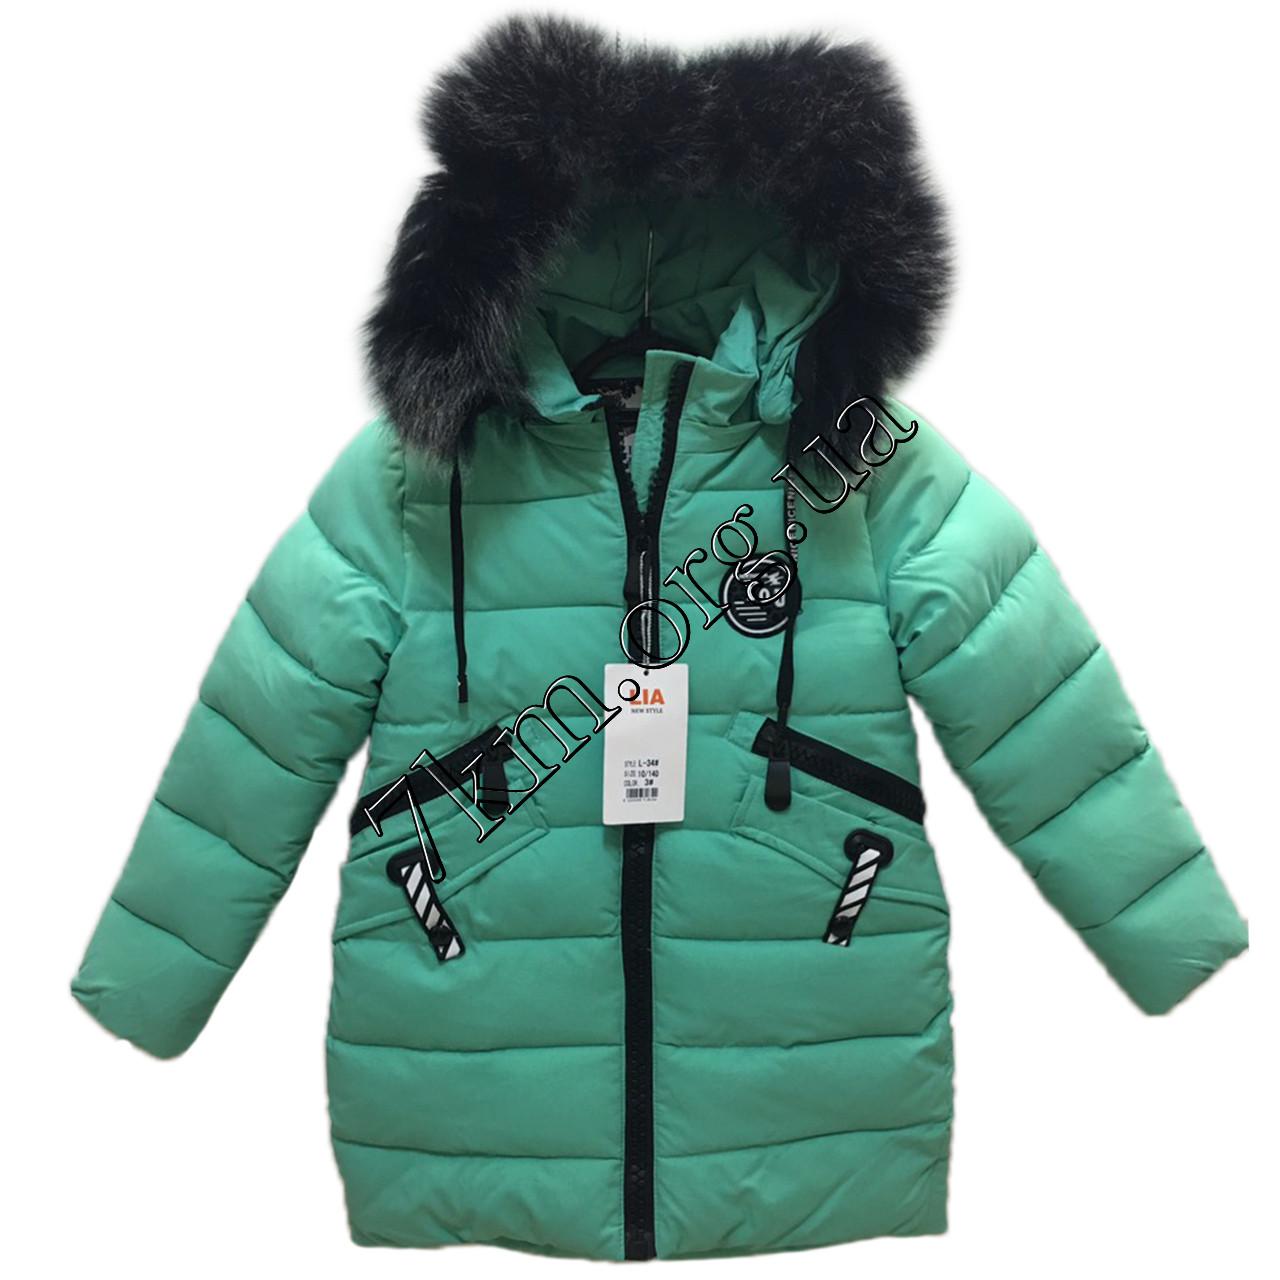 Куртка подростковая для девочек 122-146 см. Украина Оптом 261103-3